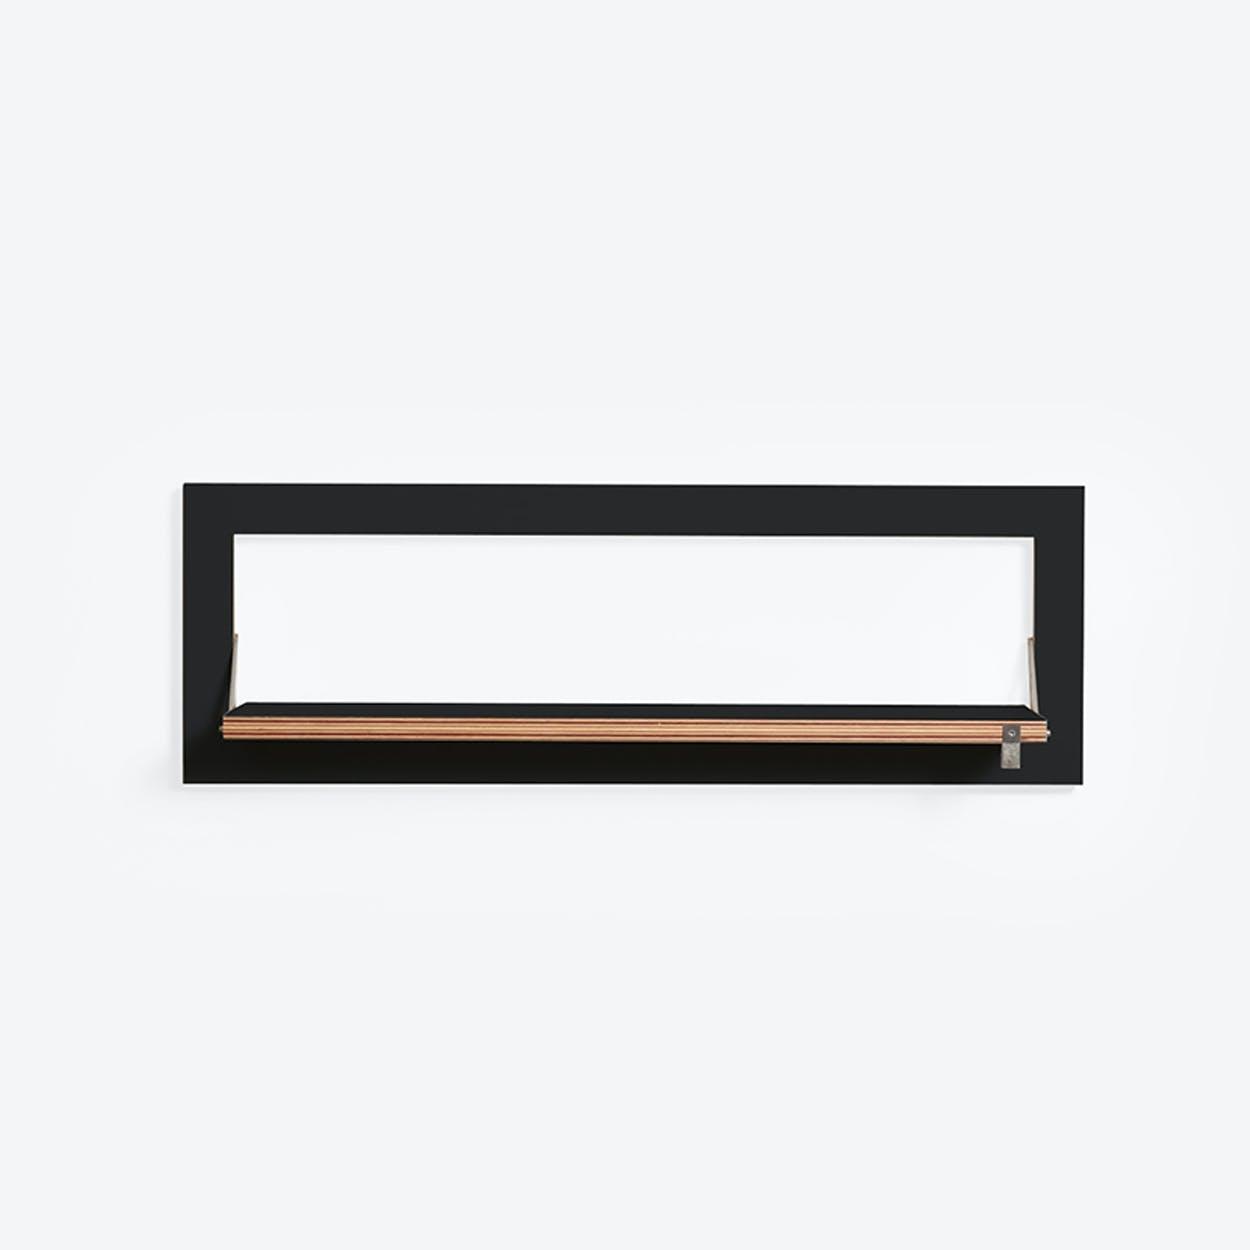 Fläpps Shelf 80x27-1 - Black